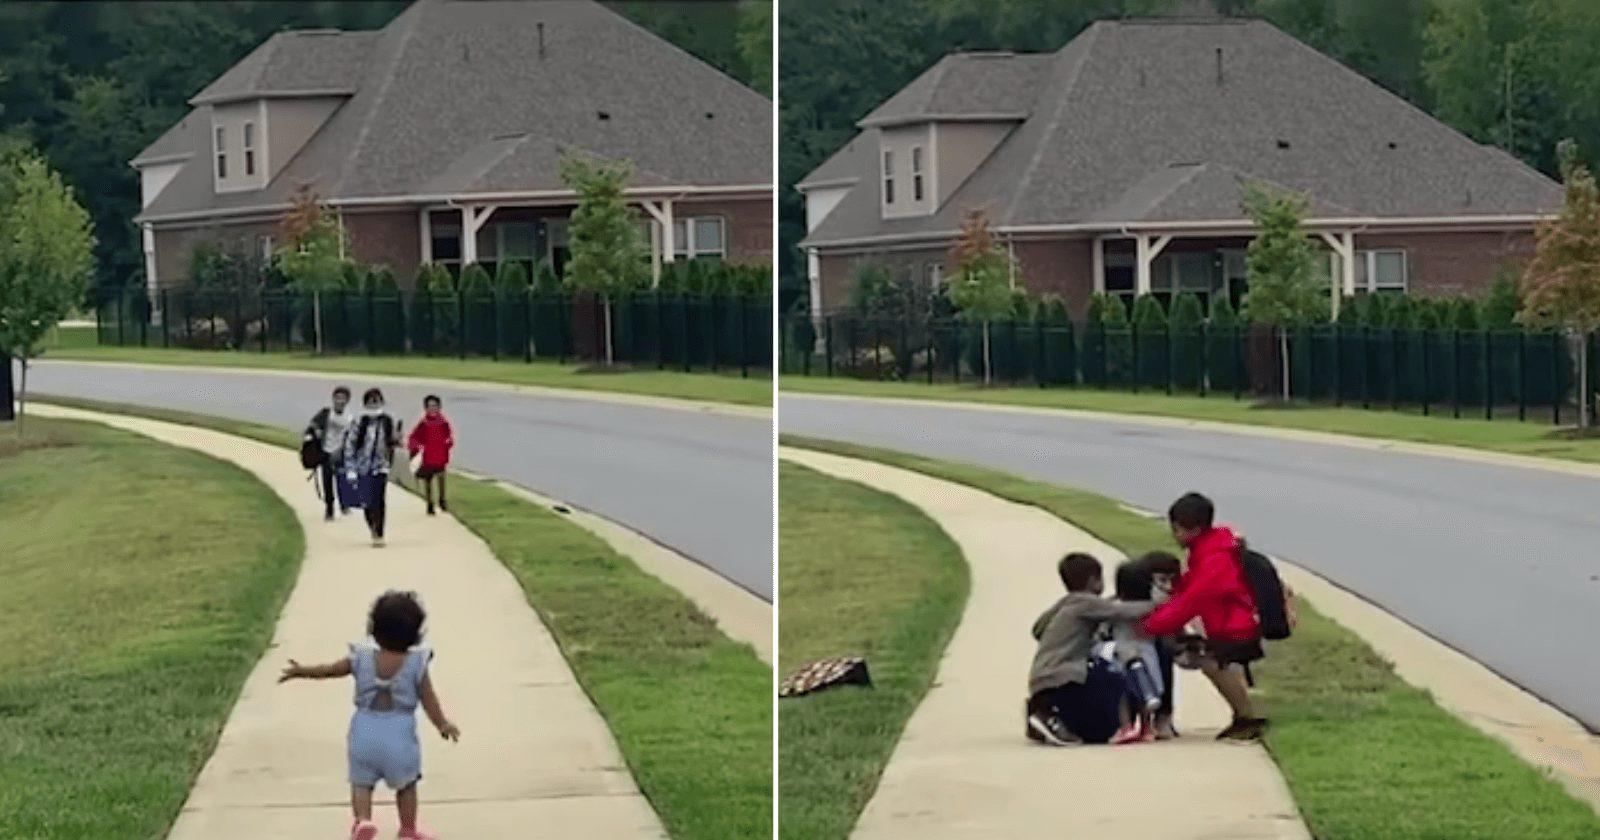 Vídeo FOFO mostra bebê correndo para os irmãos voltando da escola